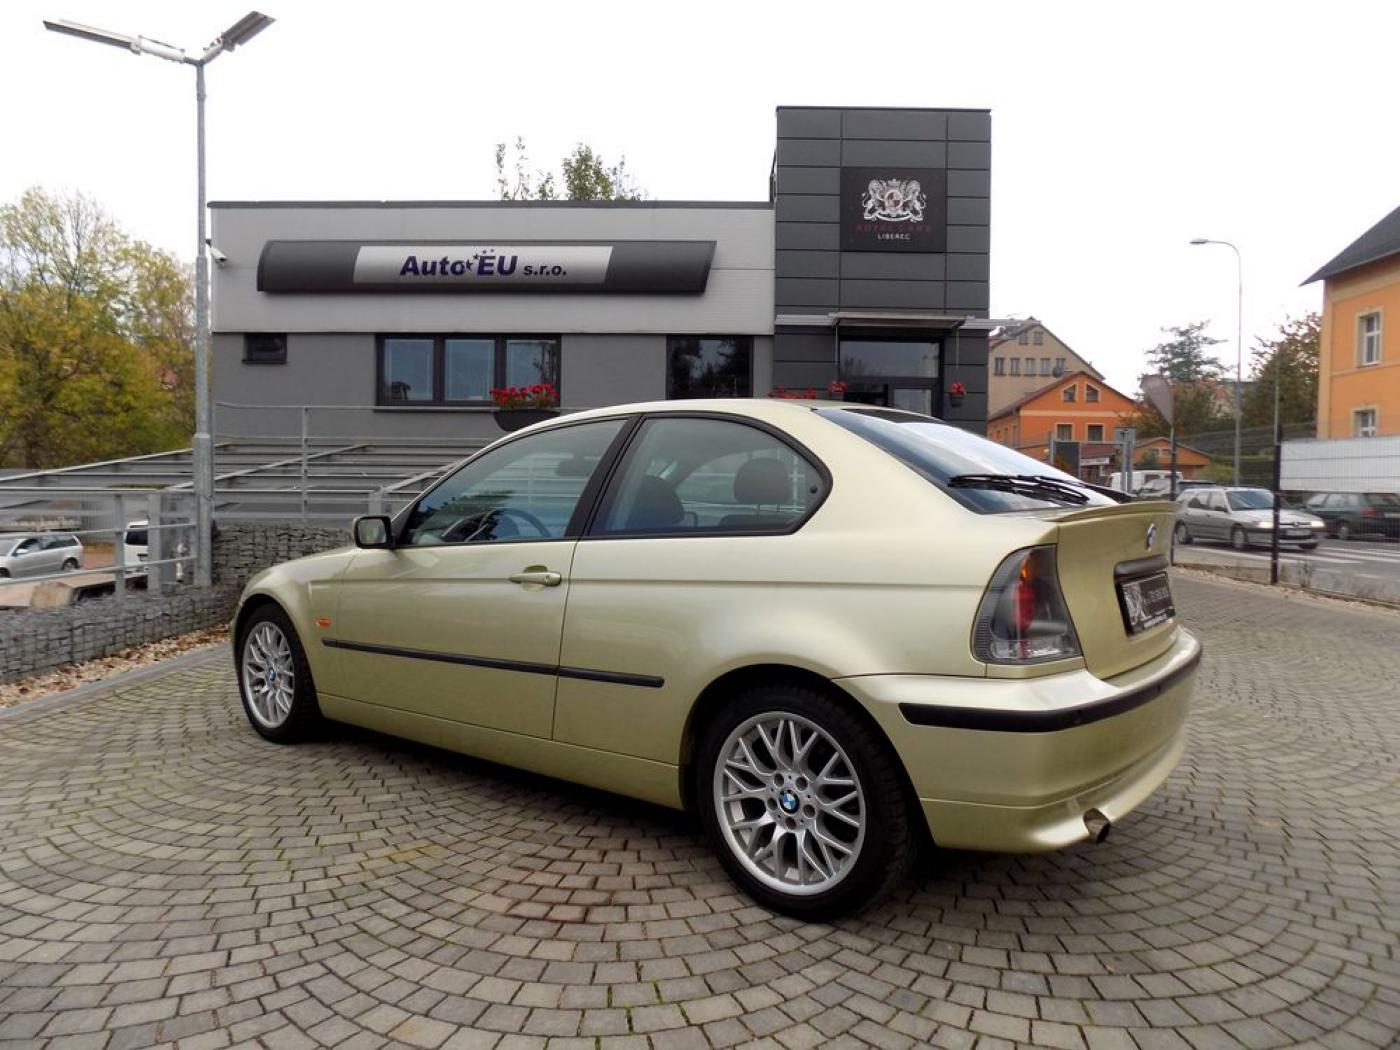 BMW Řada 3 316 Ti Compact Navi Xenon